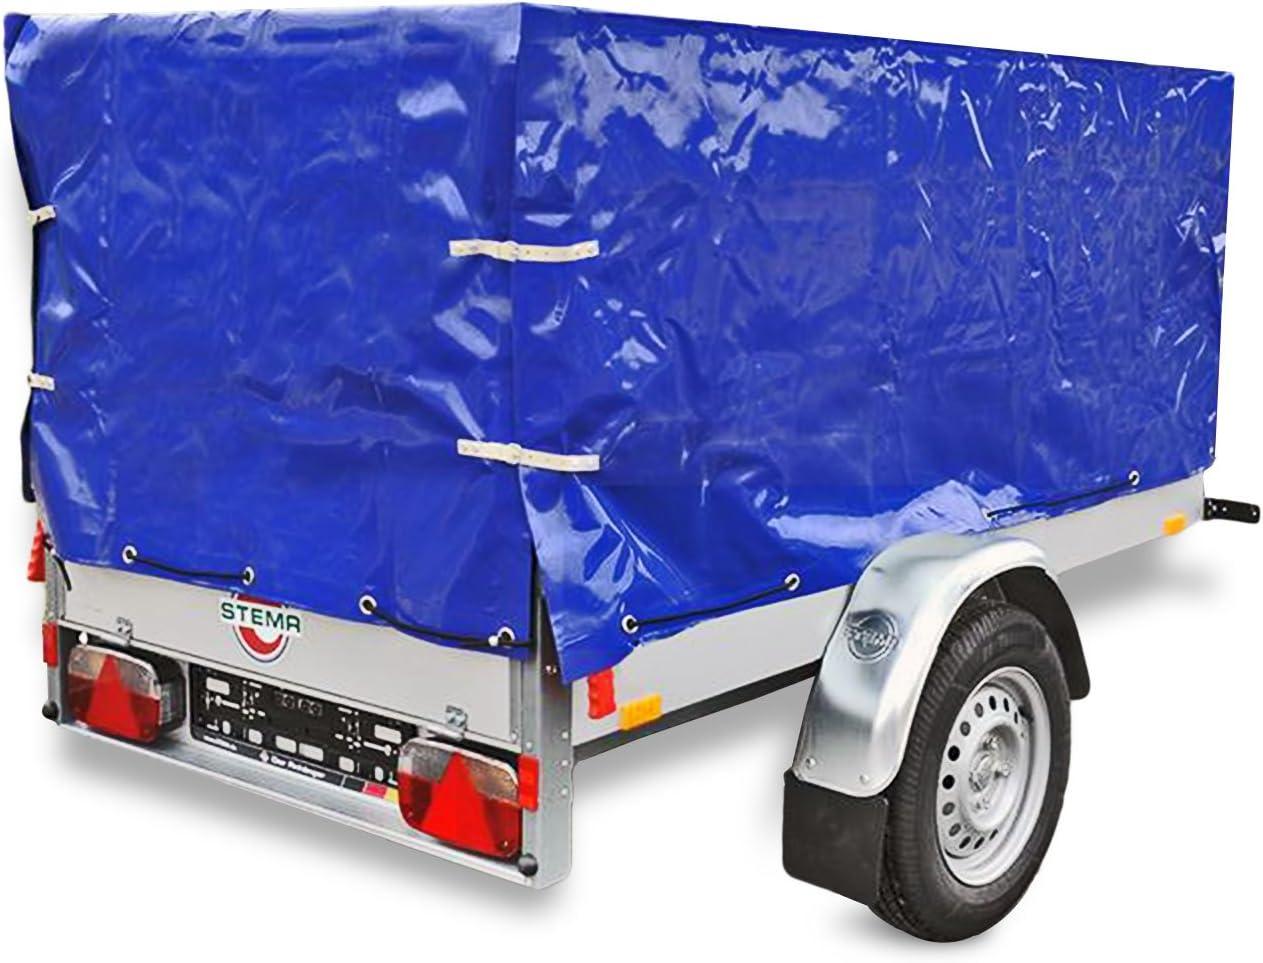 Proplus Anhänger Hochplane Blau Mit Gummigurt 2090 X 1140 X 880 Mm Für Anhänger Auto